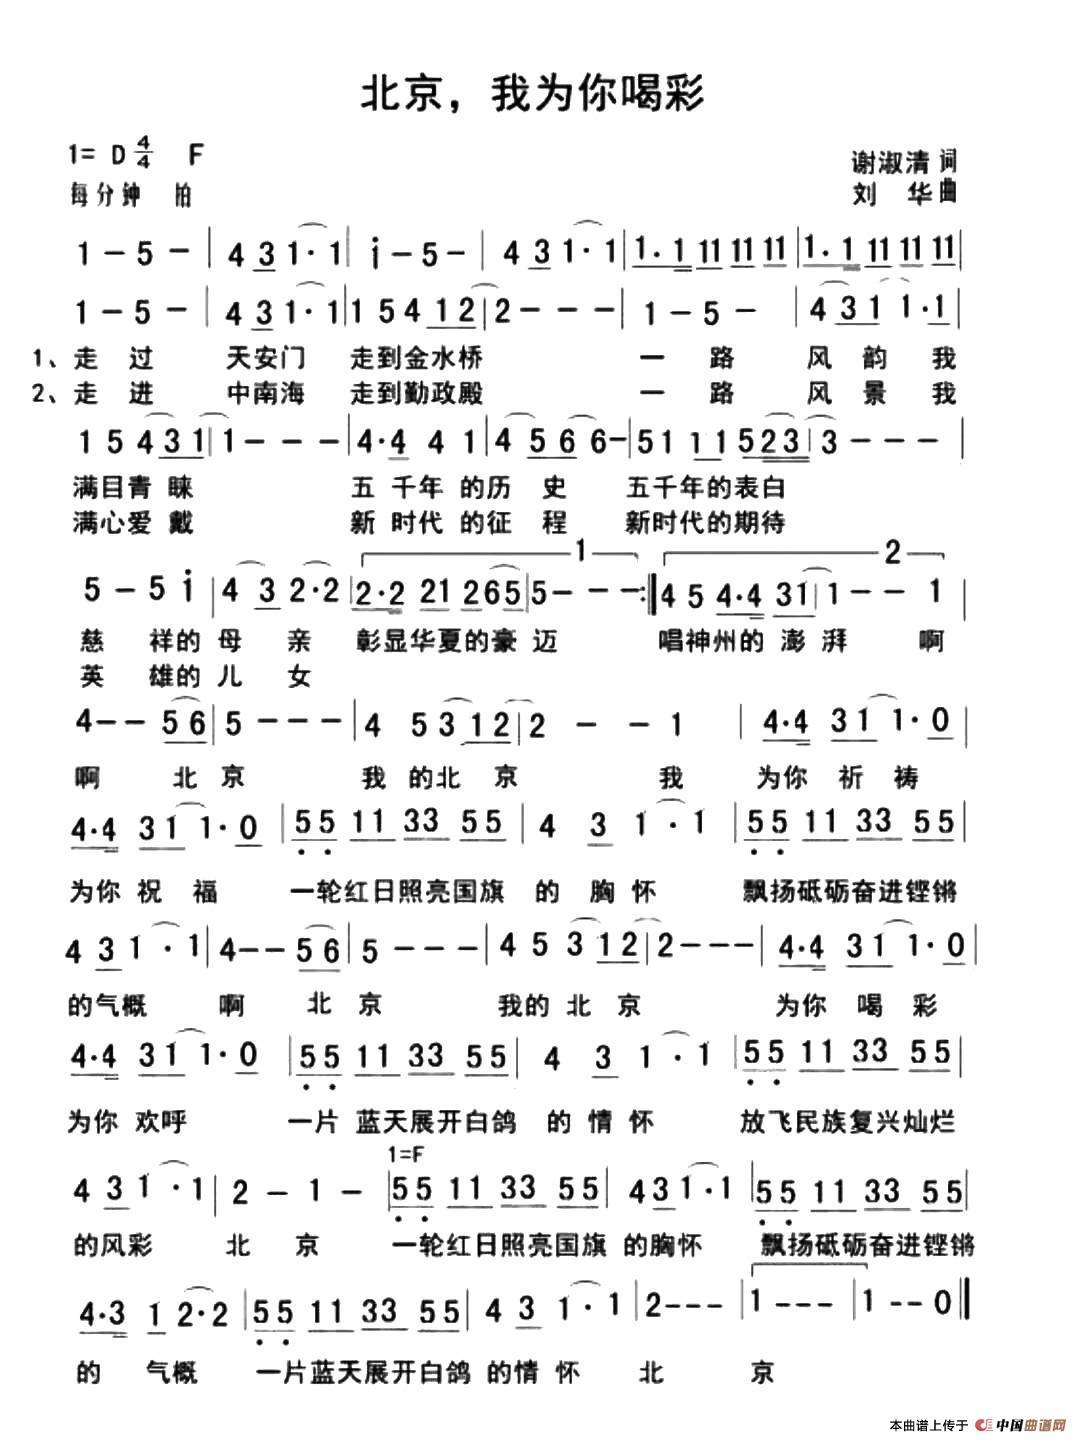 北京,我为你喝彩(谢淑清词 刘华曲)(1)_原文件名:1.jpg